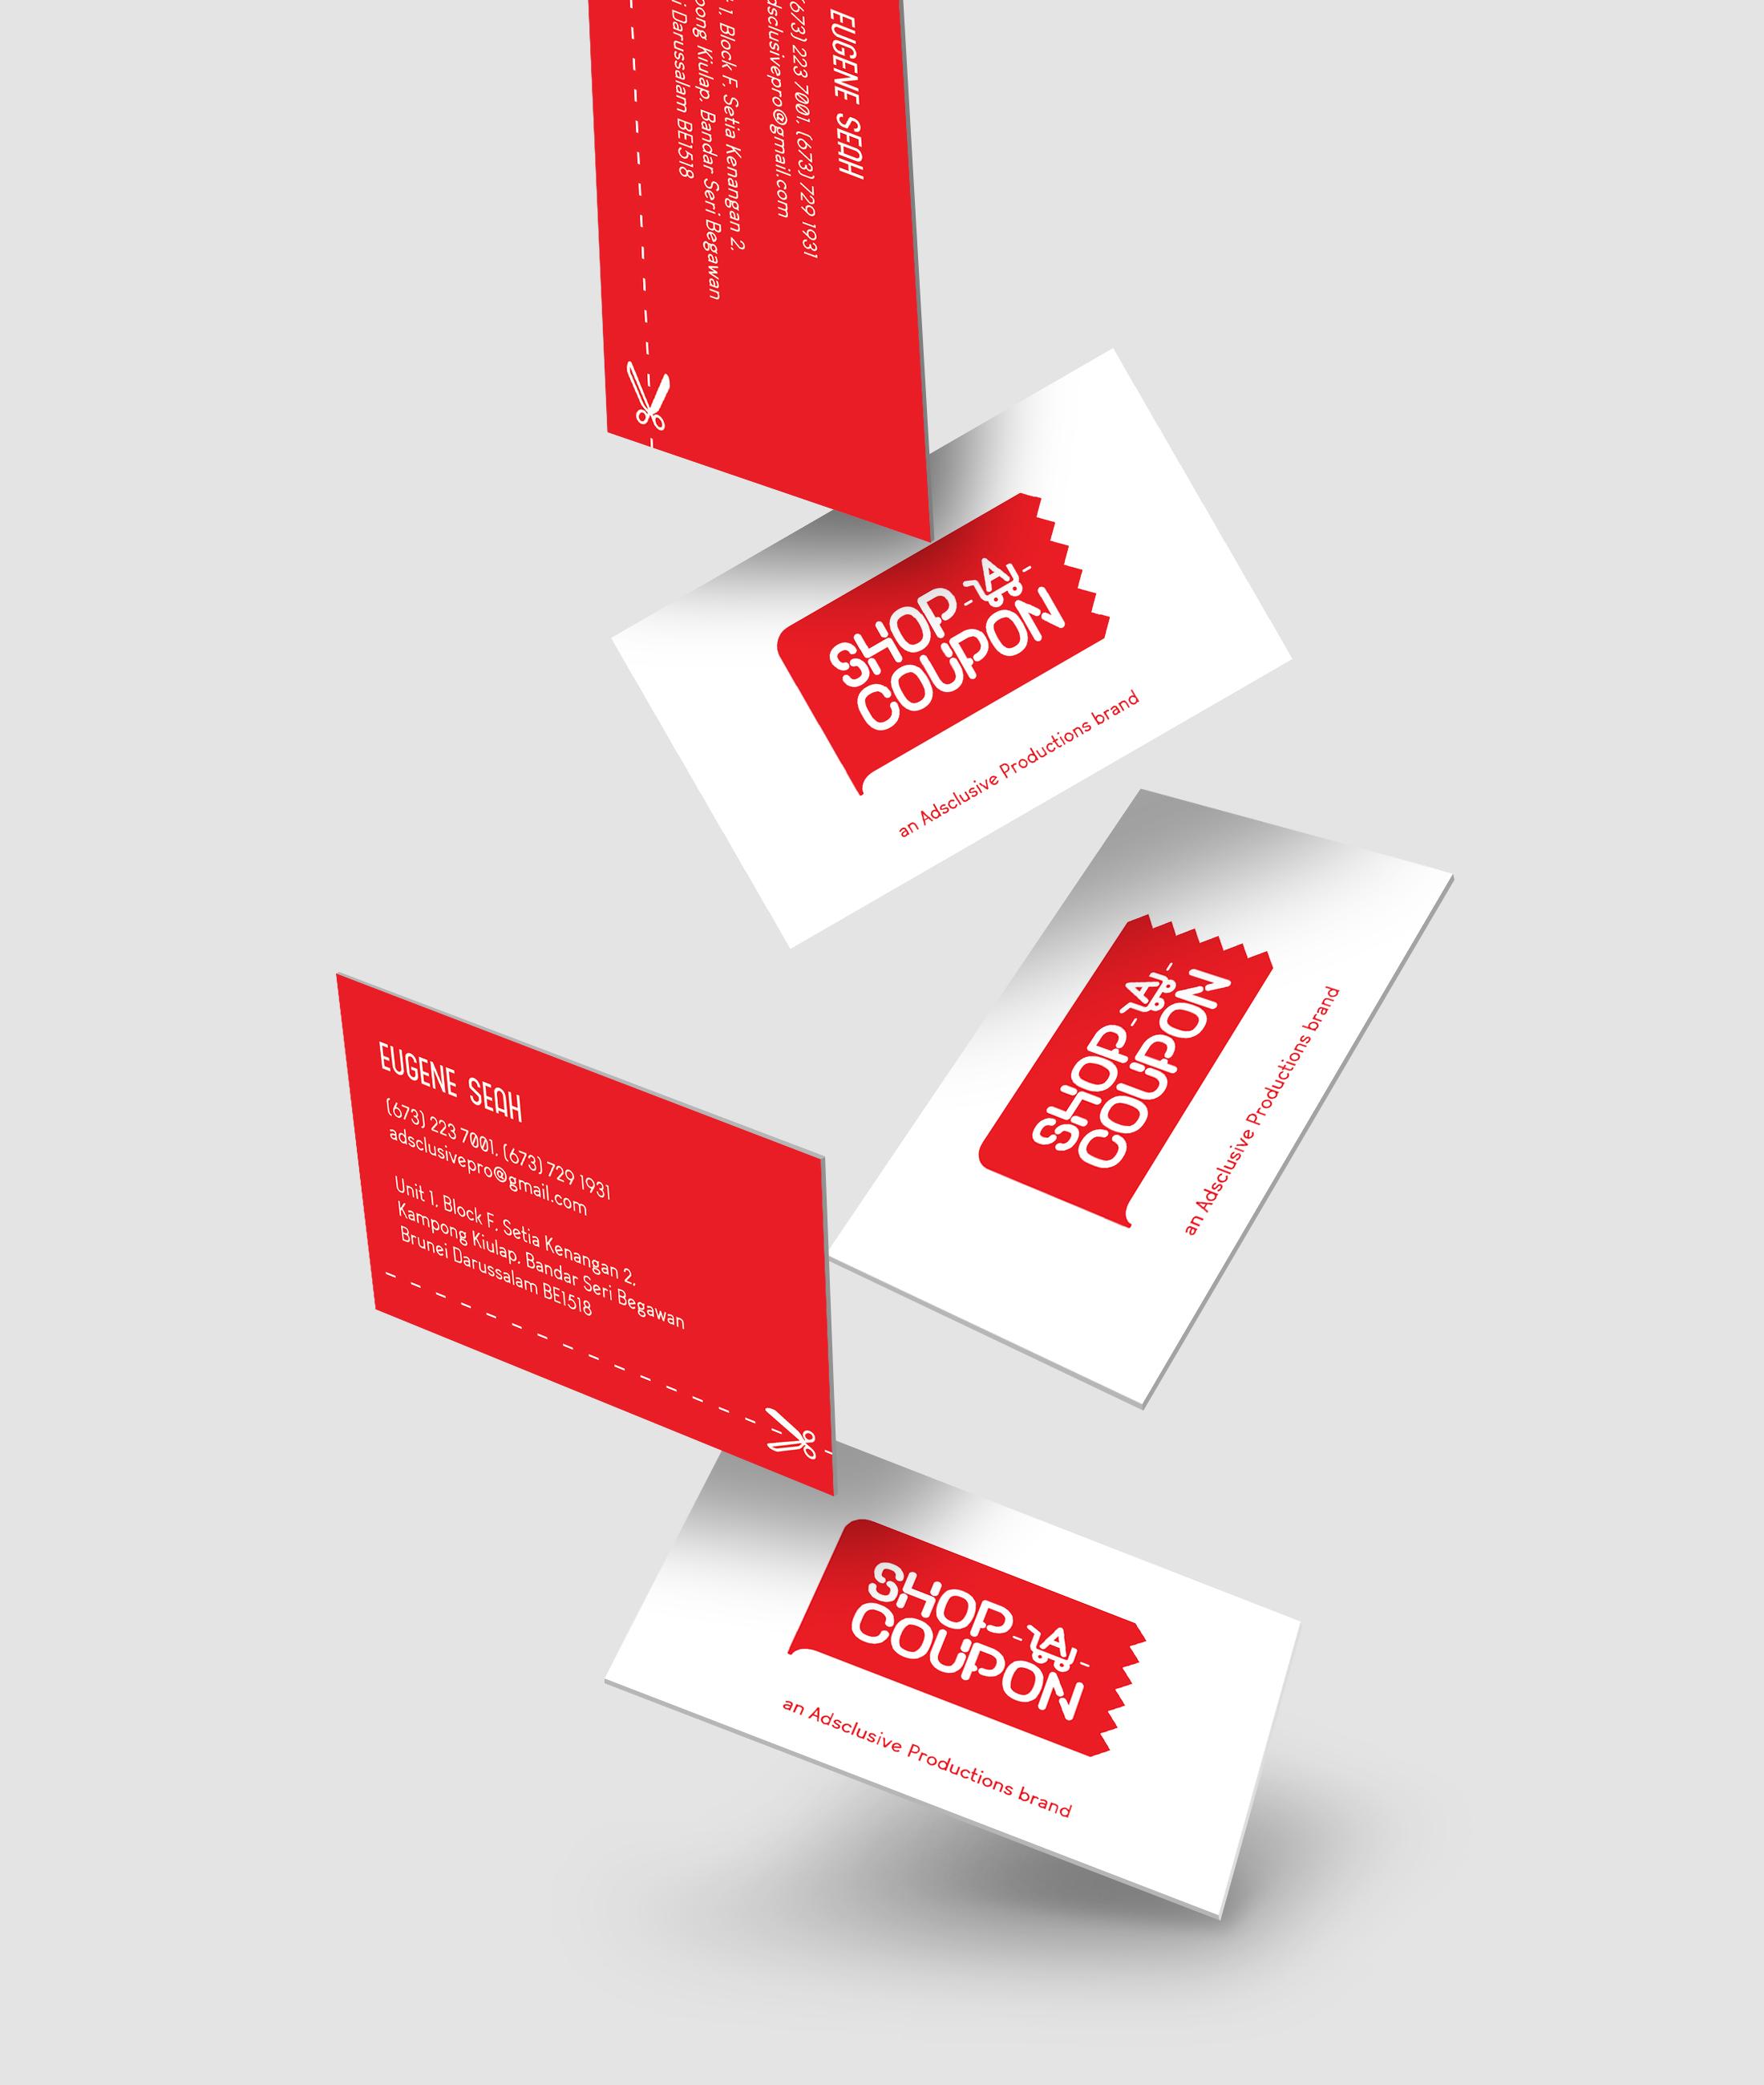 SHOP-A-COUPON   Branding